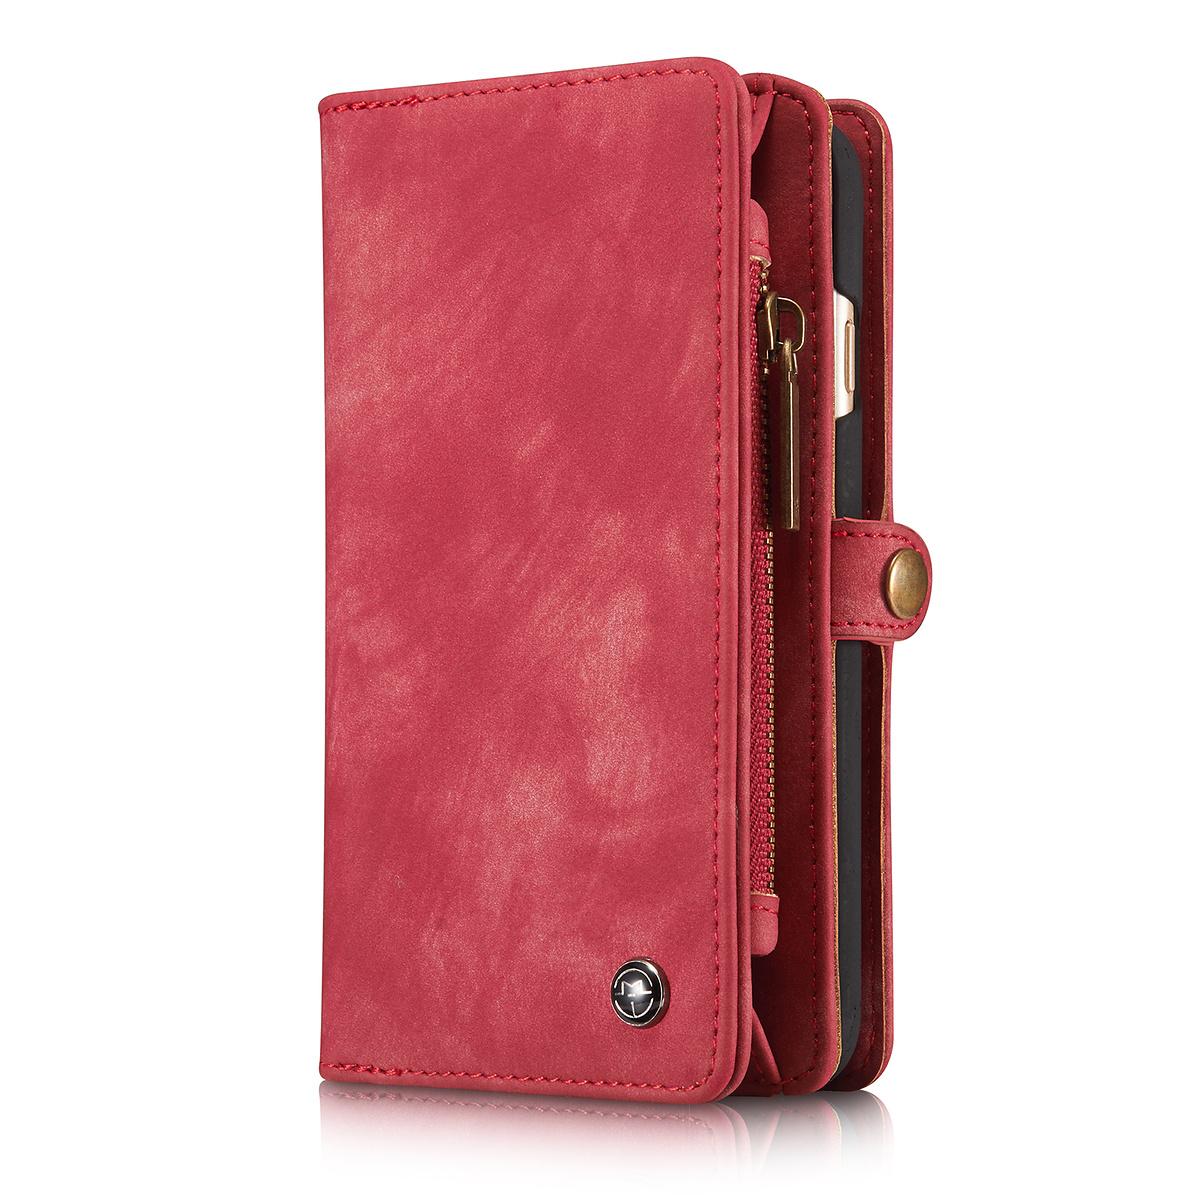 CaseMe plånboksfodral med magnetskal till iPhone 6/6S, röd